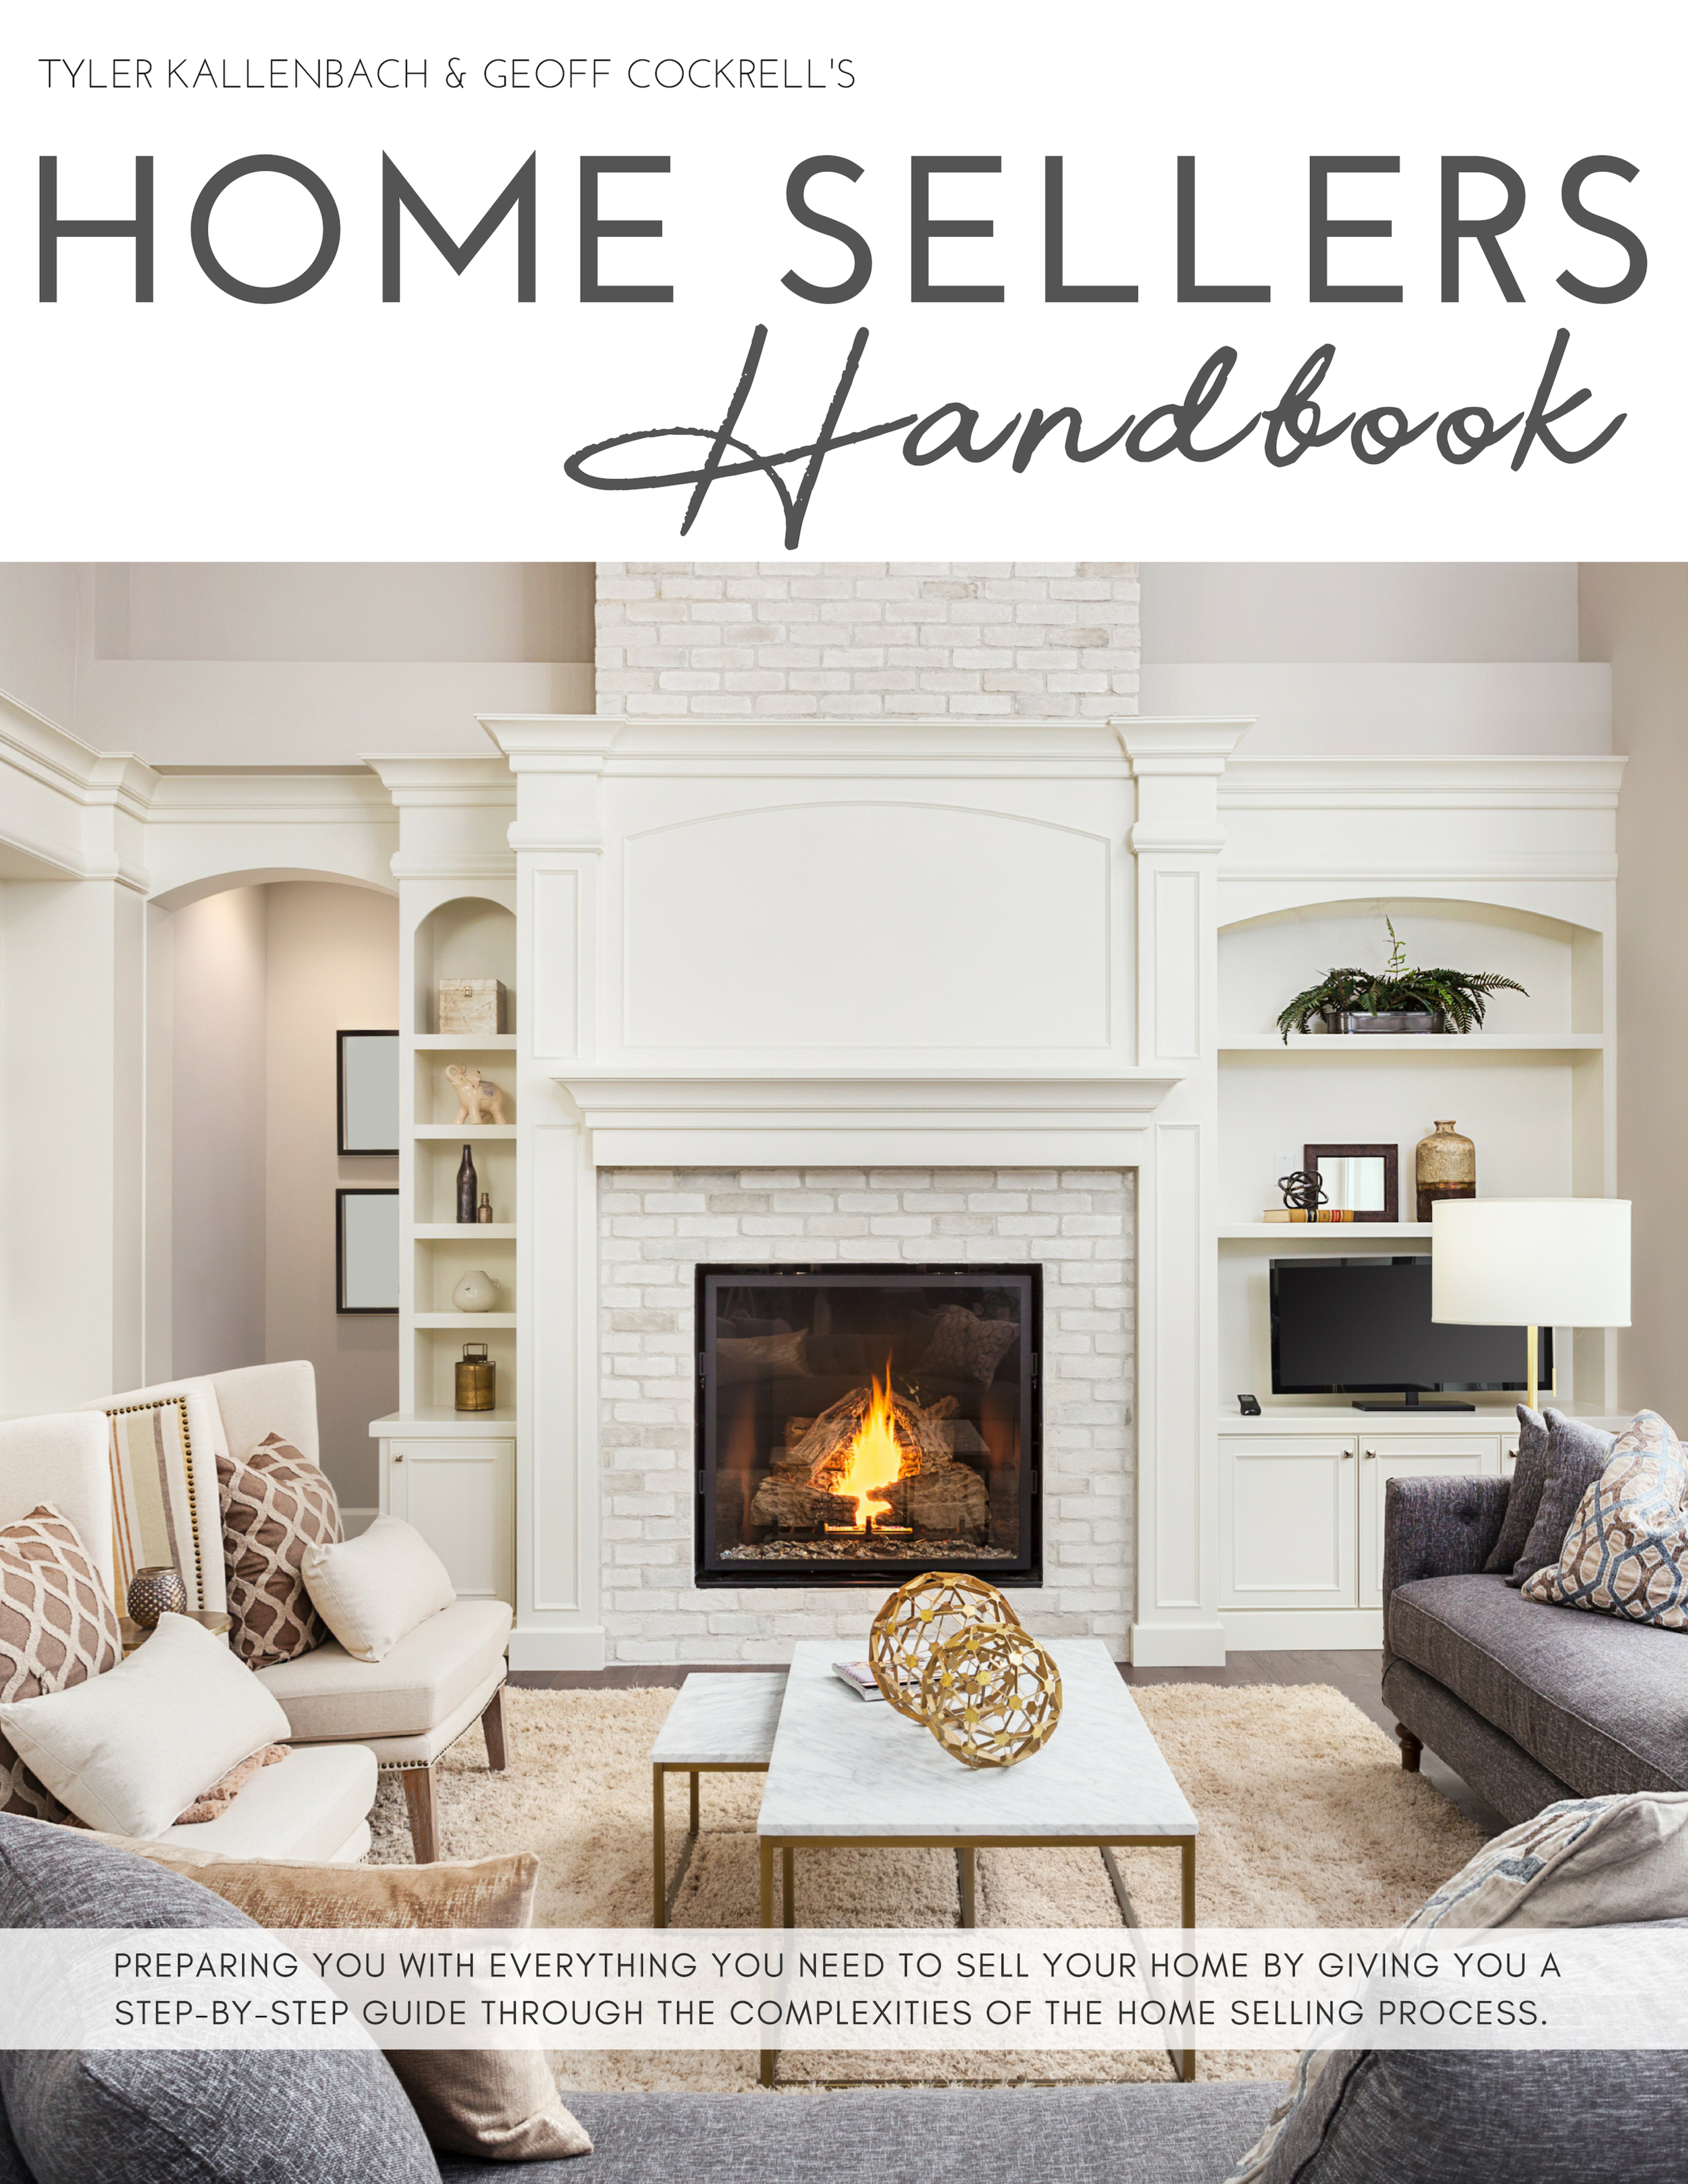 Home Sellers Handbook Updated.png